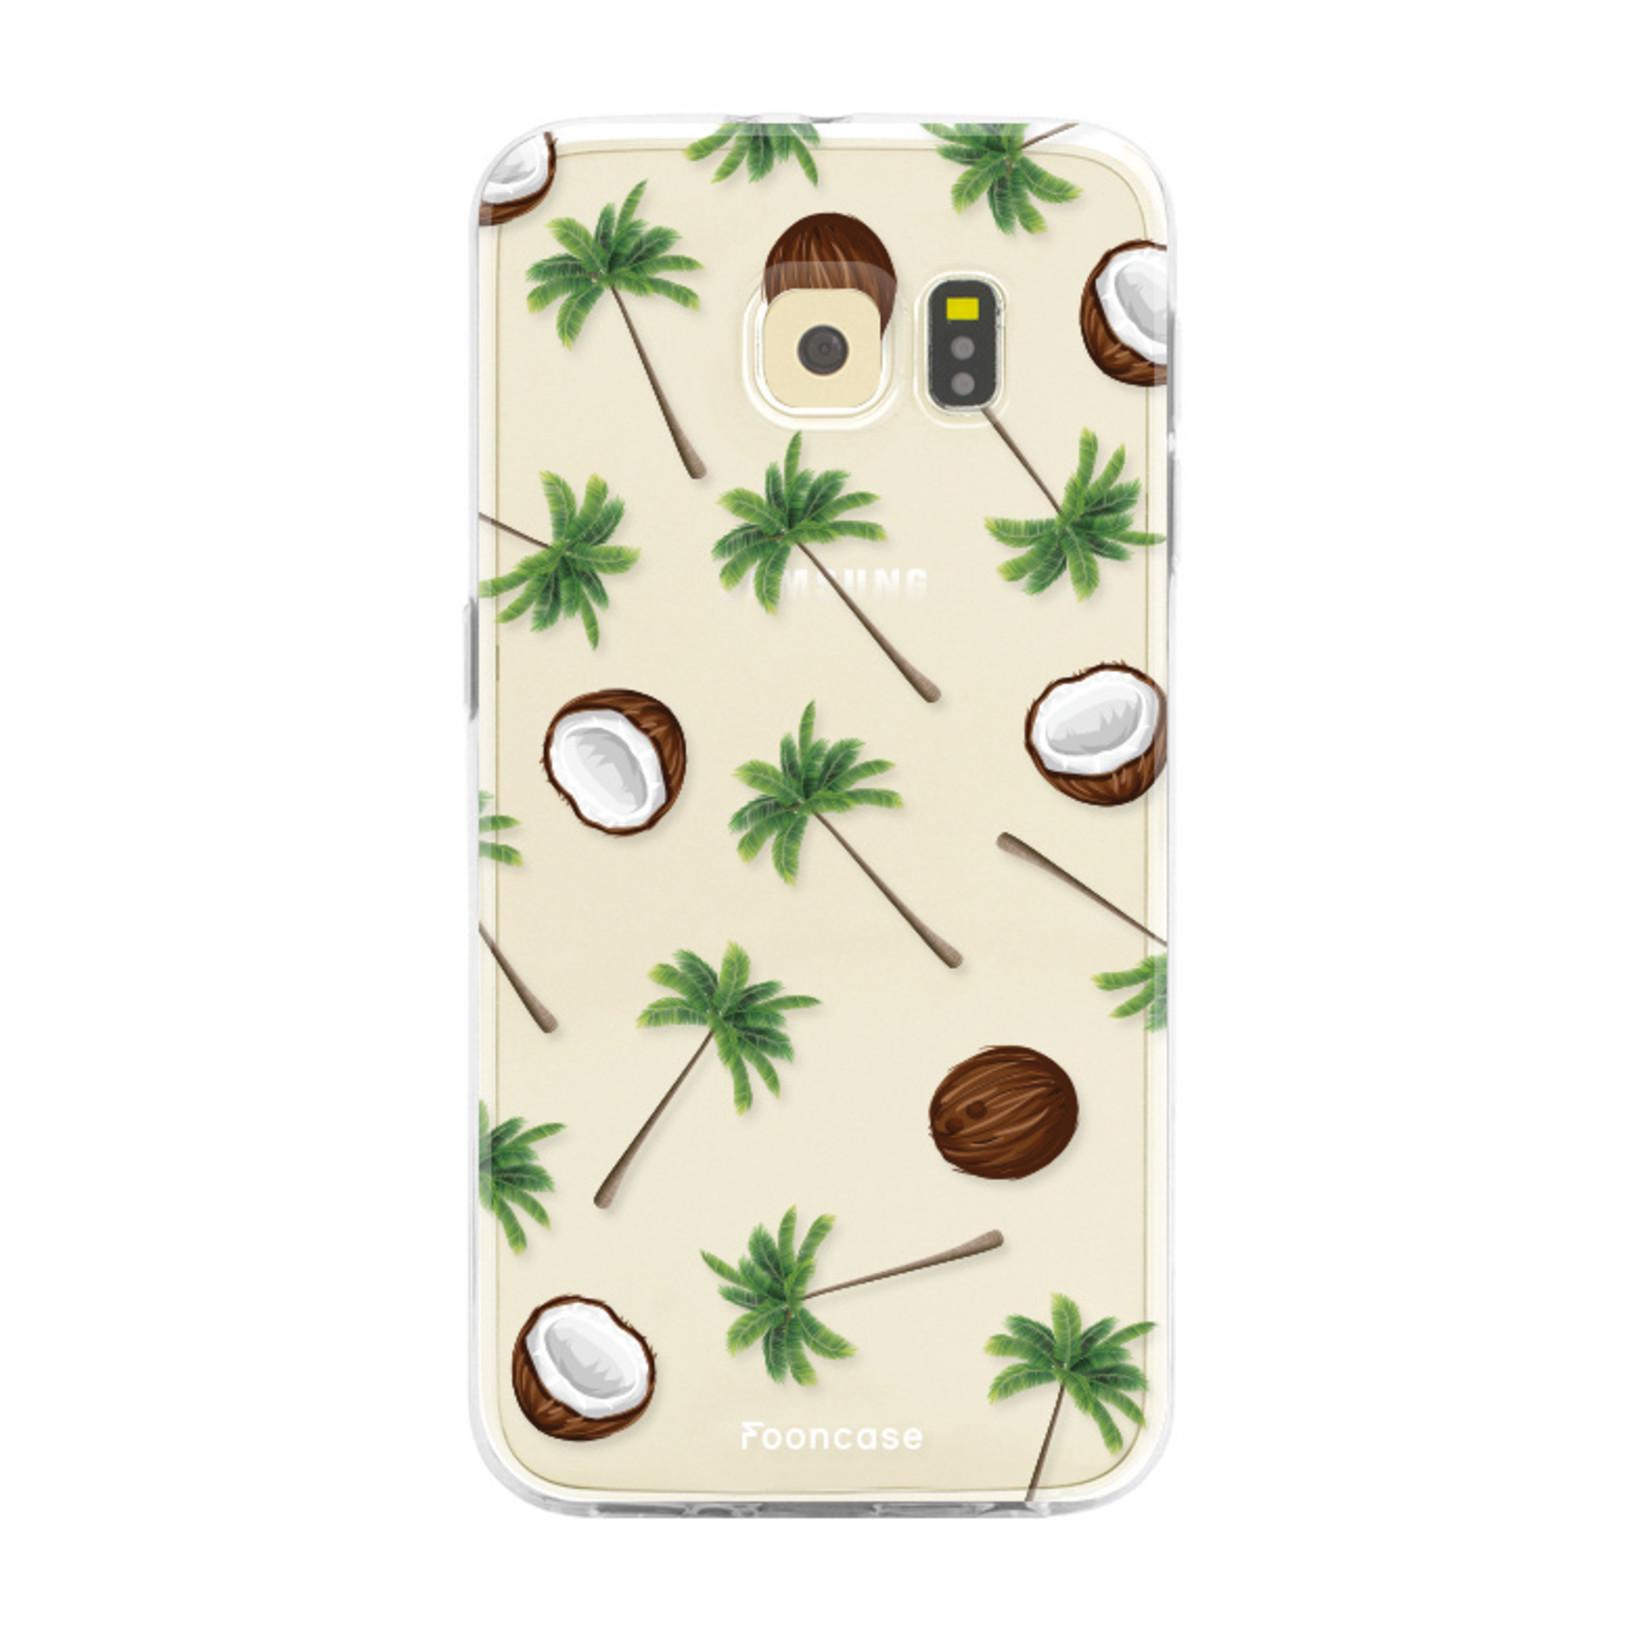 FOONCASE Samsung Galaxy S6 Handyhülle - Coco Paradise